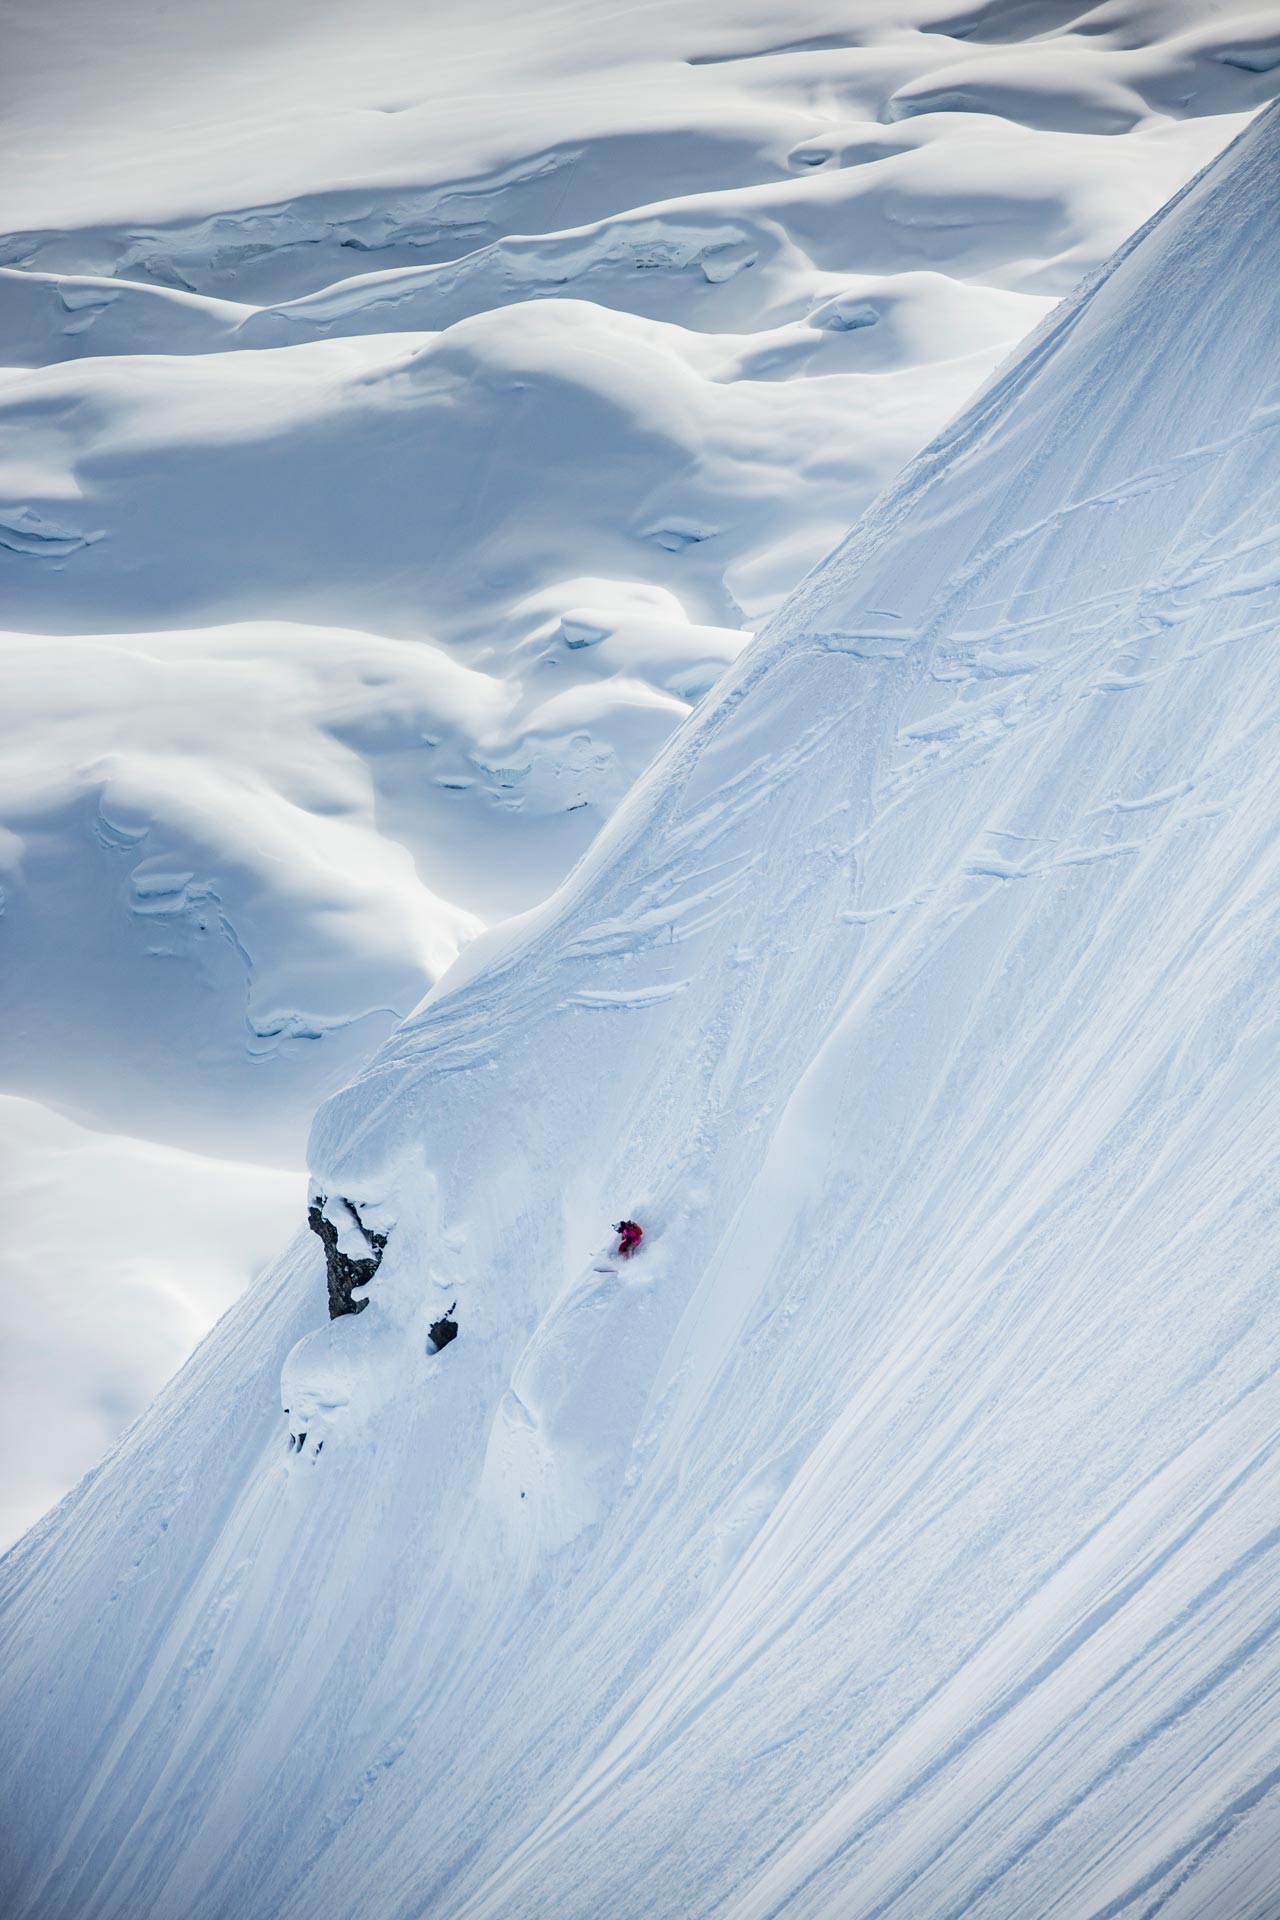 Nach langer Wartezeit herrschten am Contesttag dann endlich die erhofften traumhaften Bedingungen in Alaska - Foto: D. Daher / freerideworldtour.com